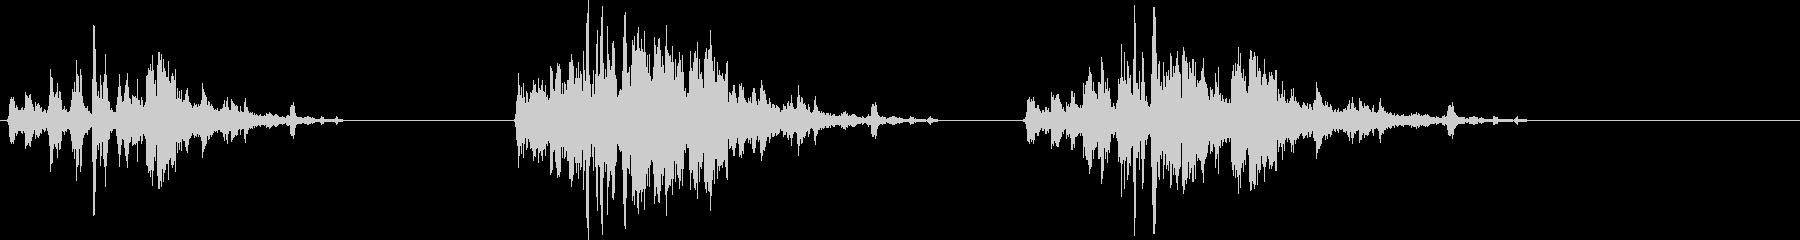 メタルフォールダウンステアズX3の未再生の波形